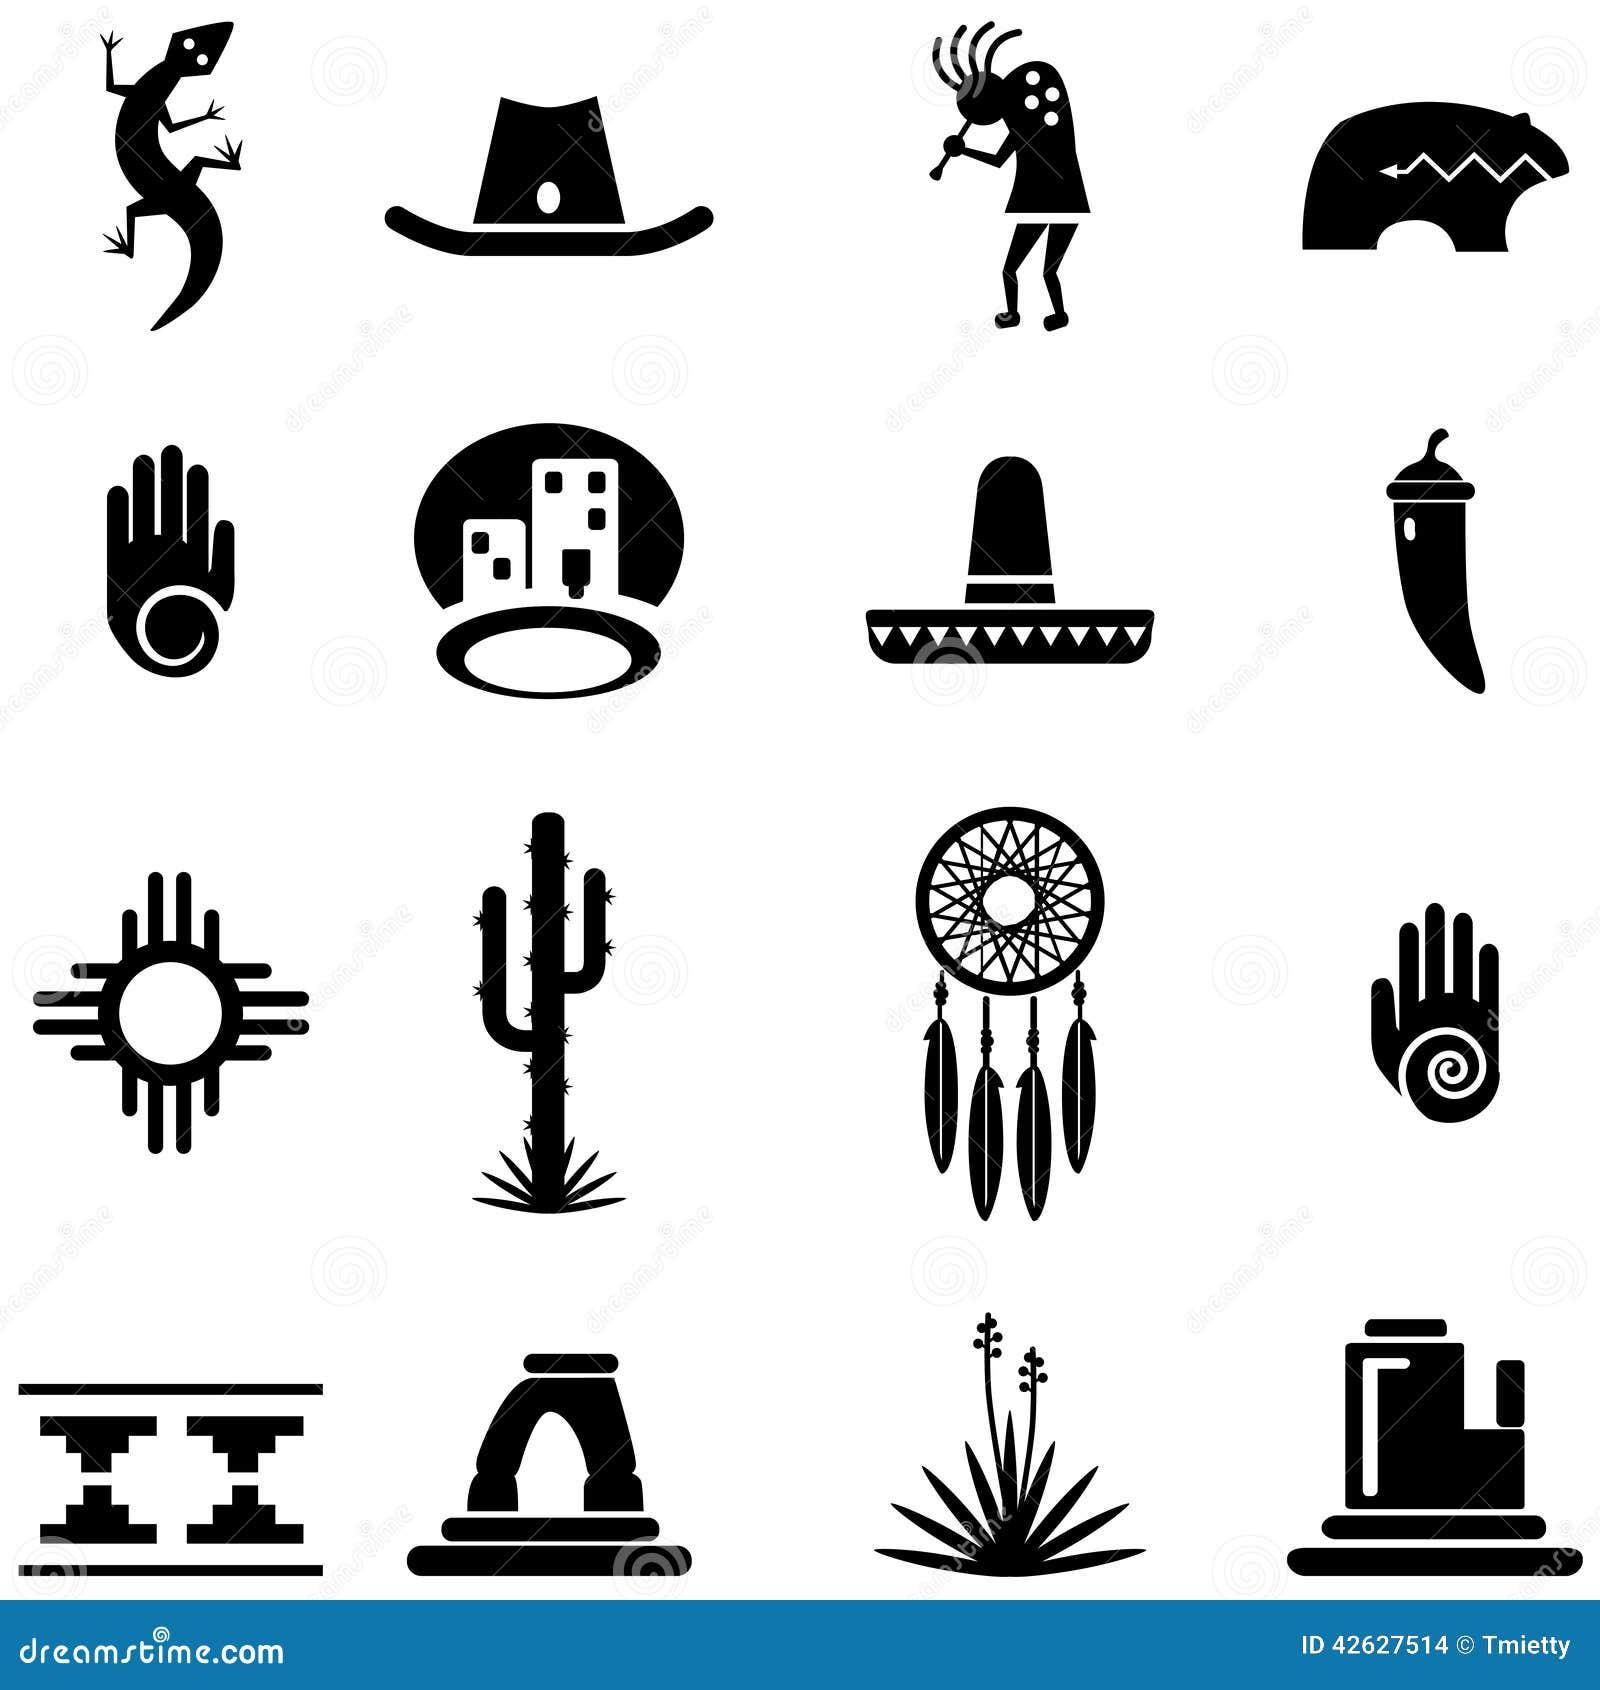 southwest desert icon illustrations stock vector